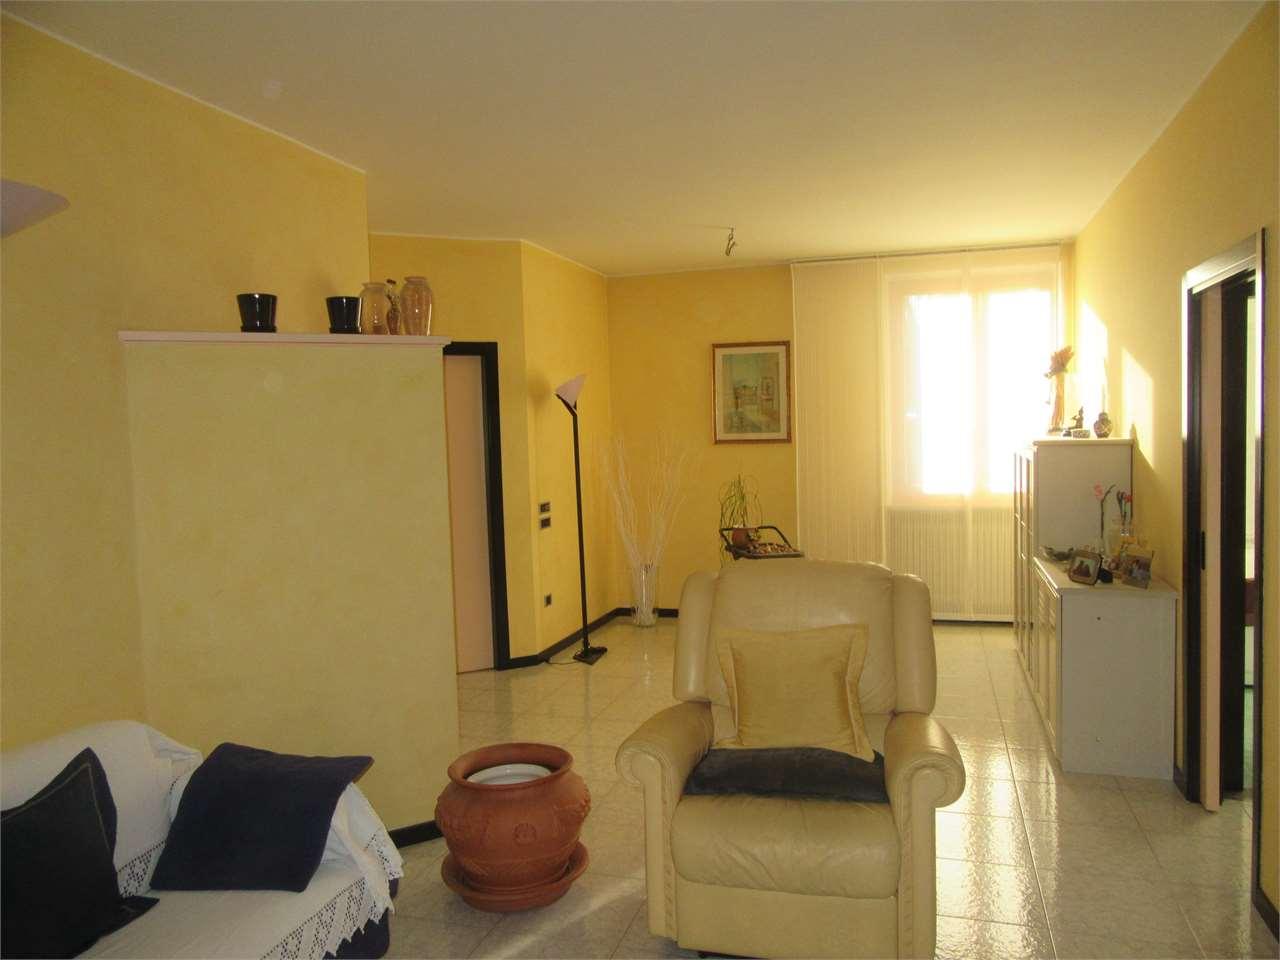 Appartamento in vendita a Pesaro, 6 locali, zona Zona: Santa Veneranda, prezzo € 249.000 | CambioCasa.it